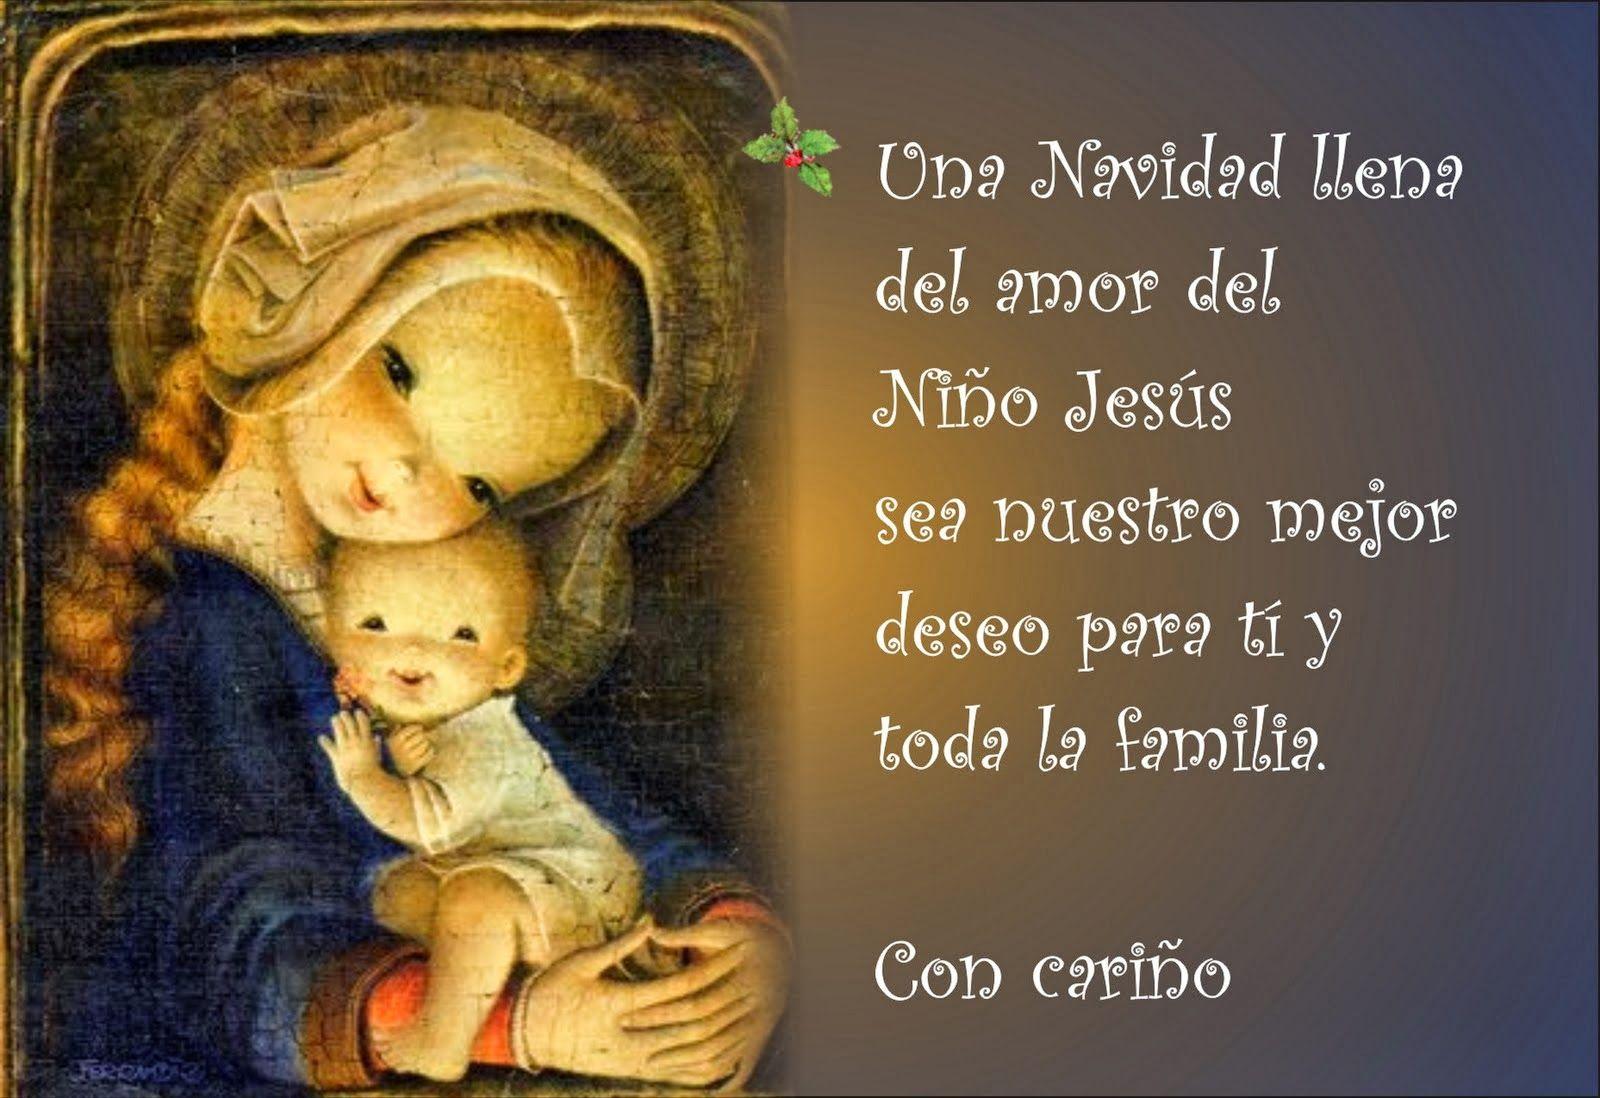 Imagenes de navidad tarjetas de navidad postales de - Tarjetas navidenas cristianas ...